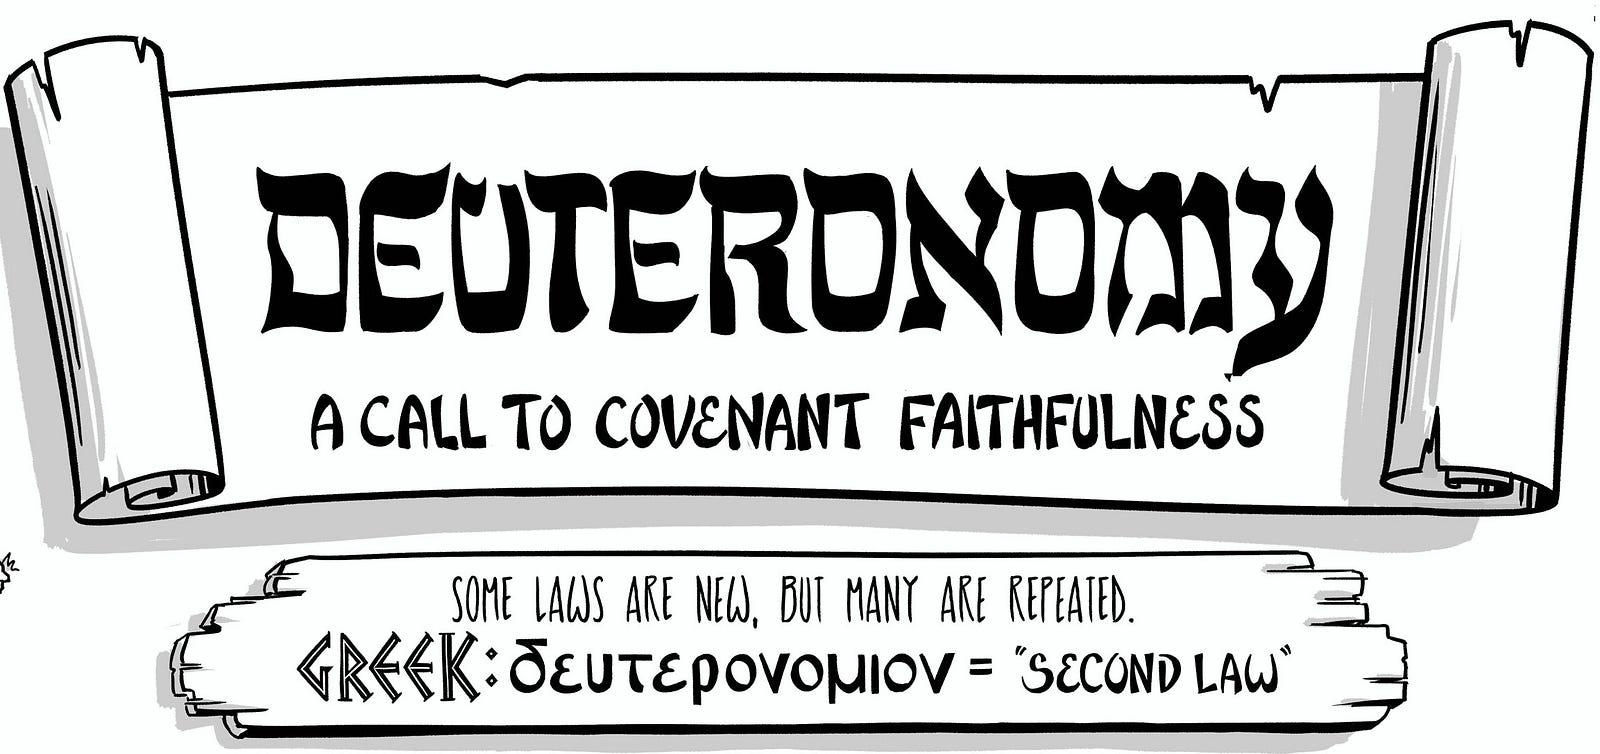 Reversing the Curse pt. 3: Curses & Commandments